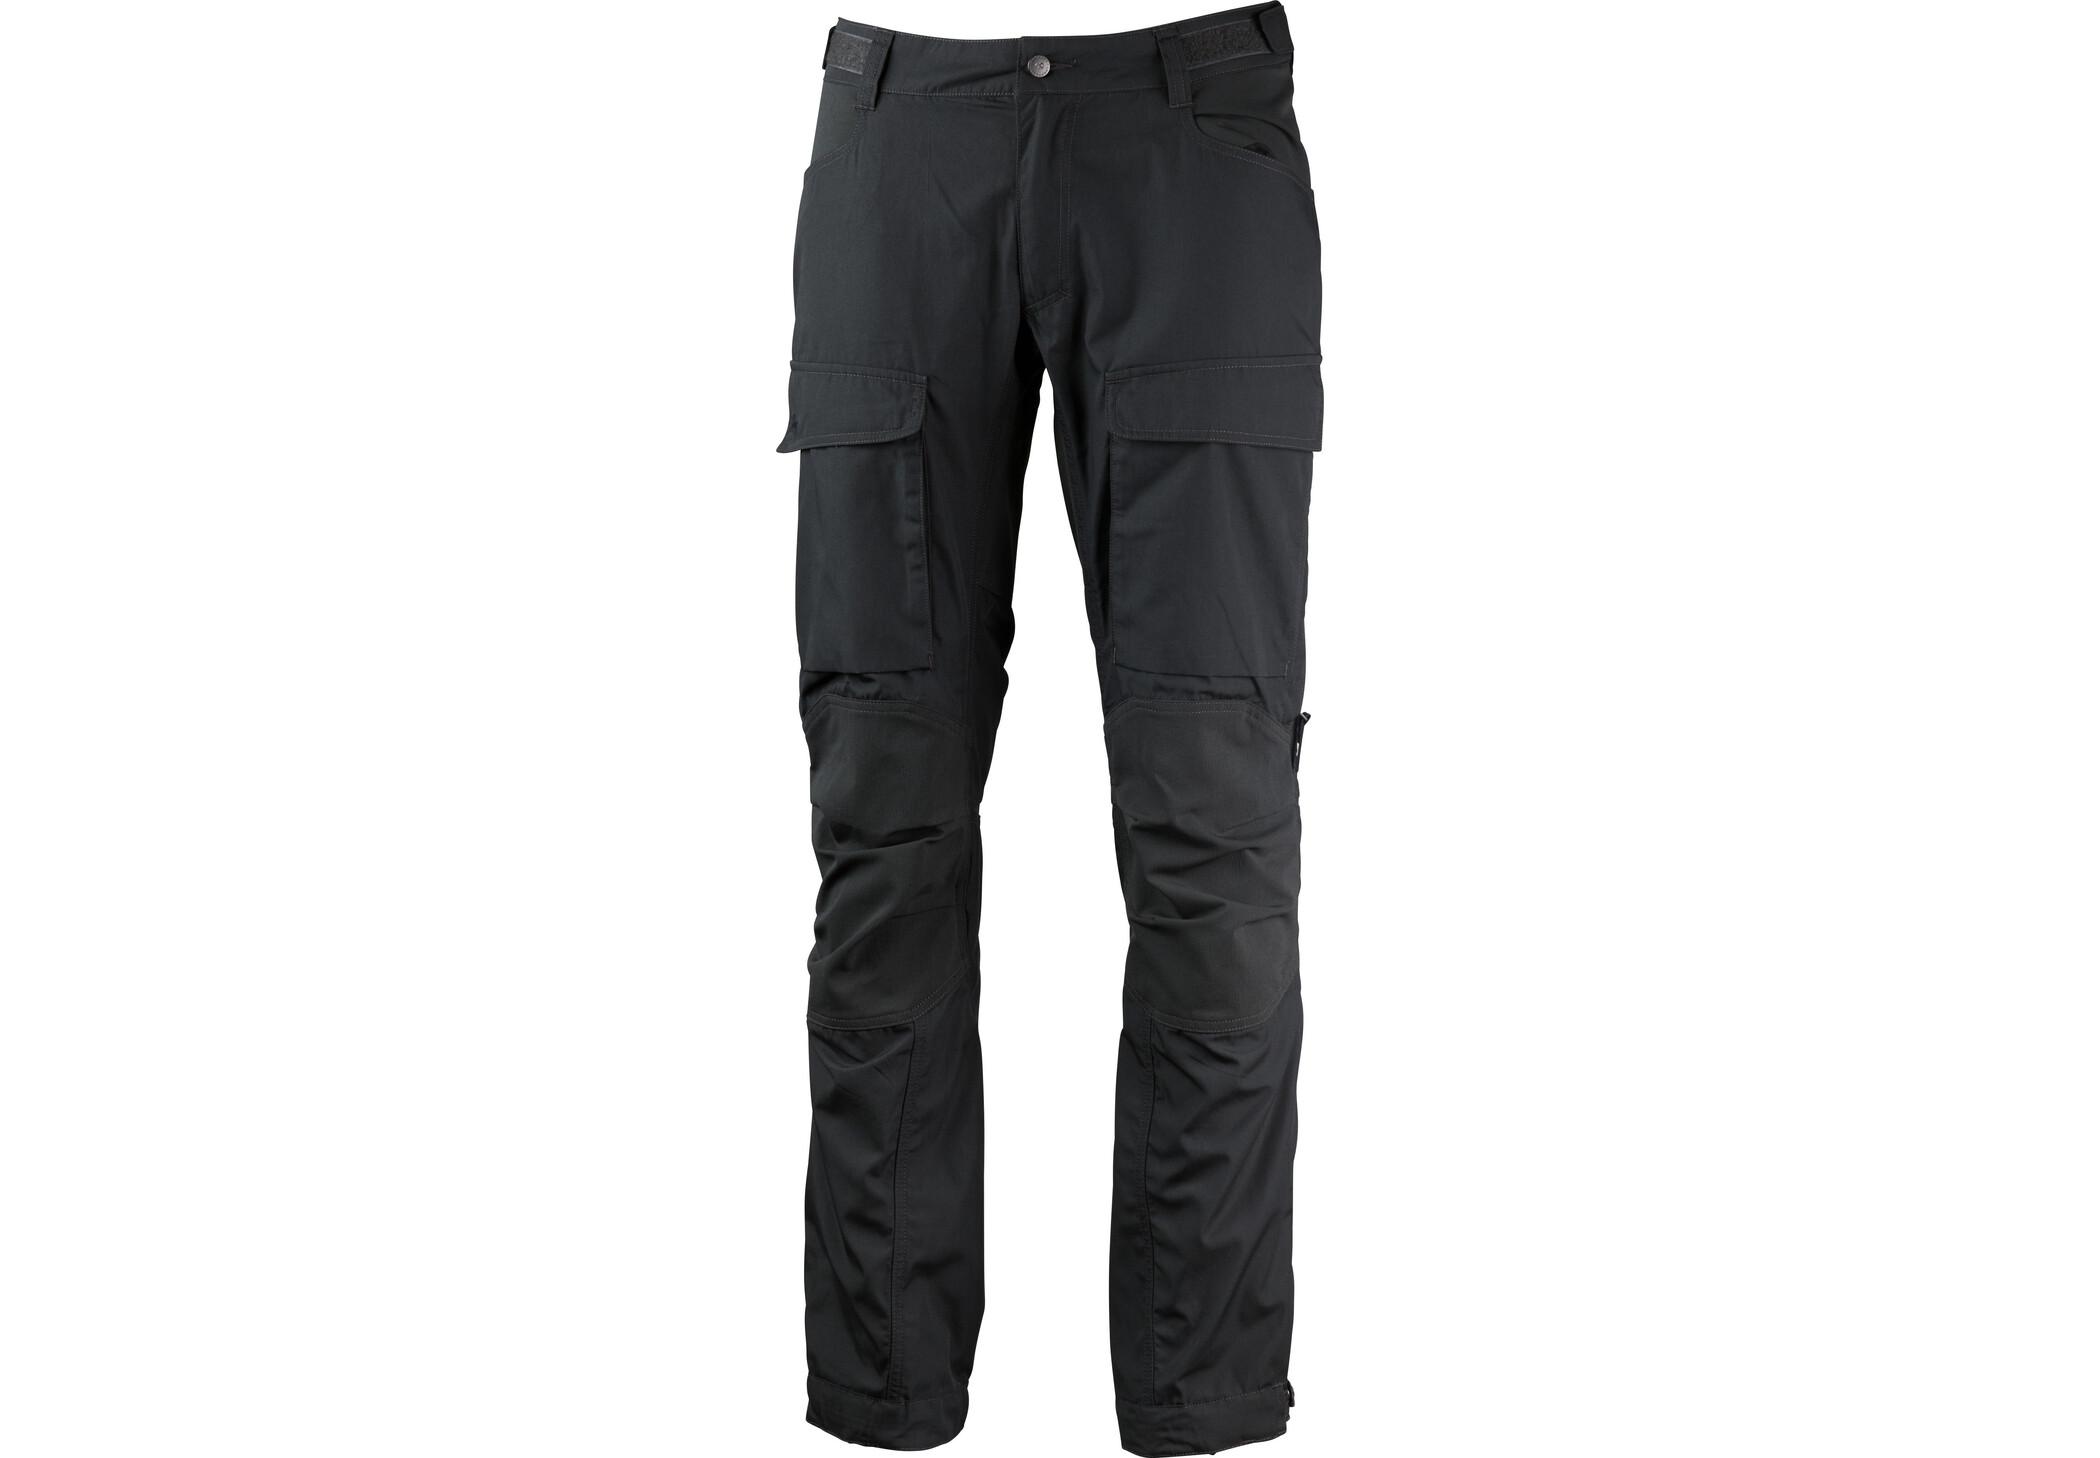 Pantalones De Trekking Y Senderismo Campz Es